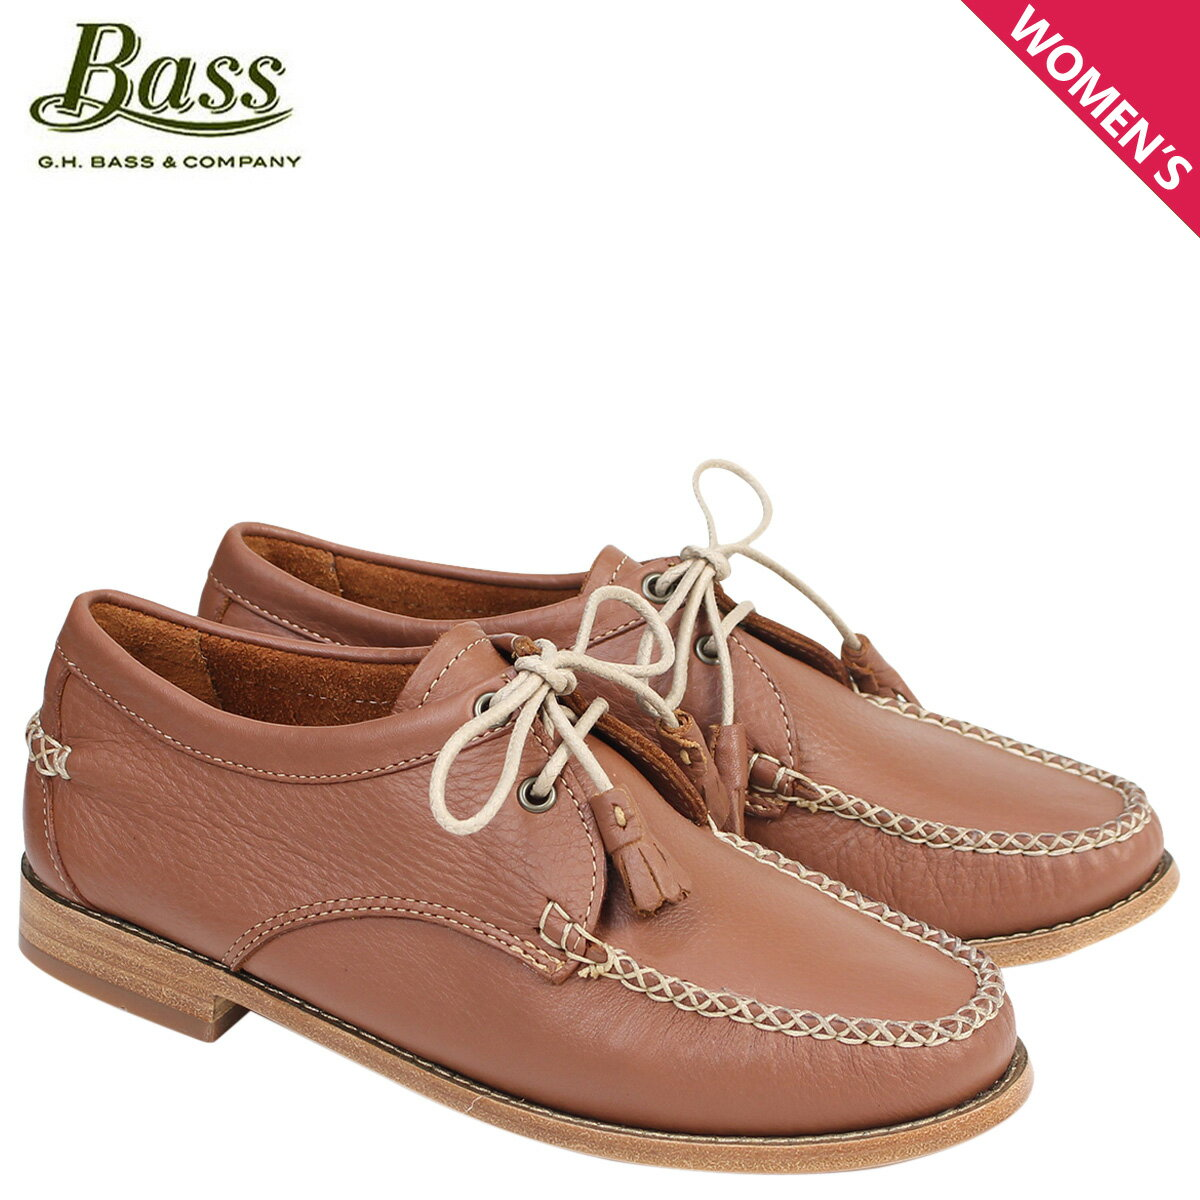 ジーエイチバス ローファー G.H. BASS レディース タッセル WINNIE TIE WEEJUNS 71-22872 靴 ブラウン [177]